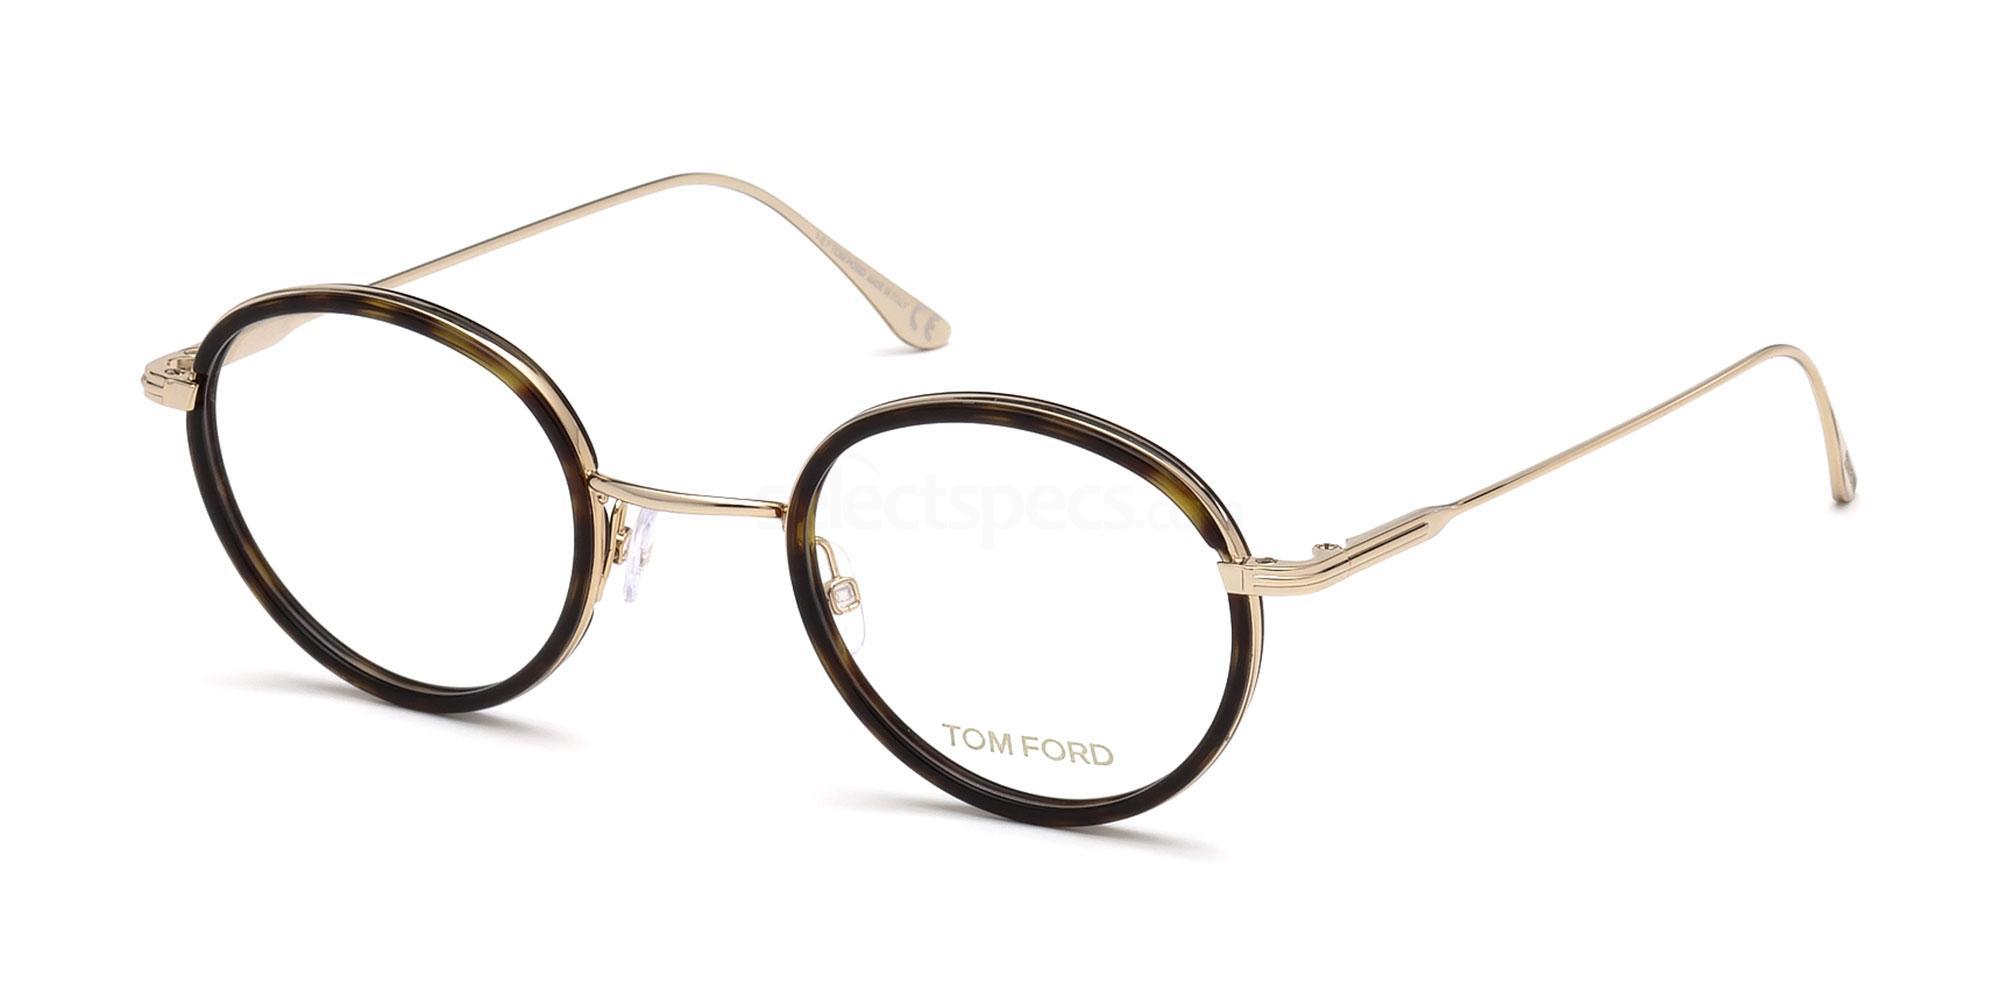 052 FT5521 Glasses, Tom Ford